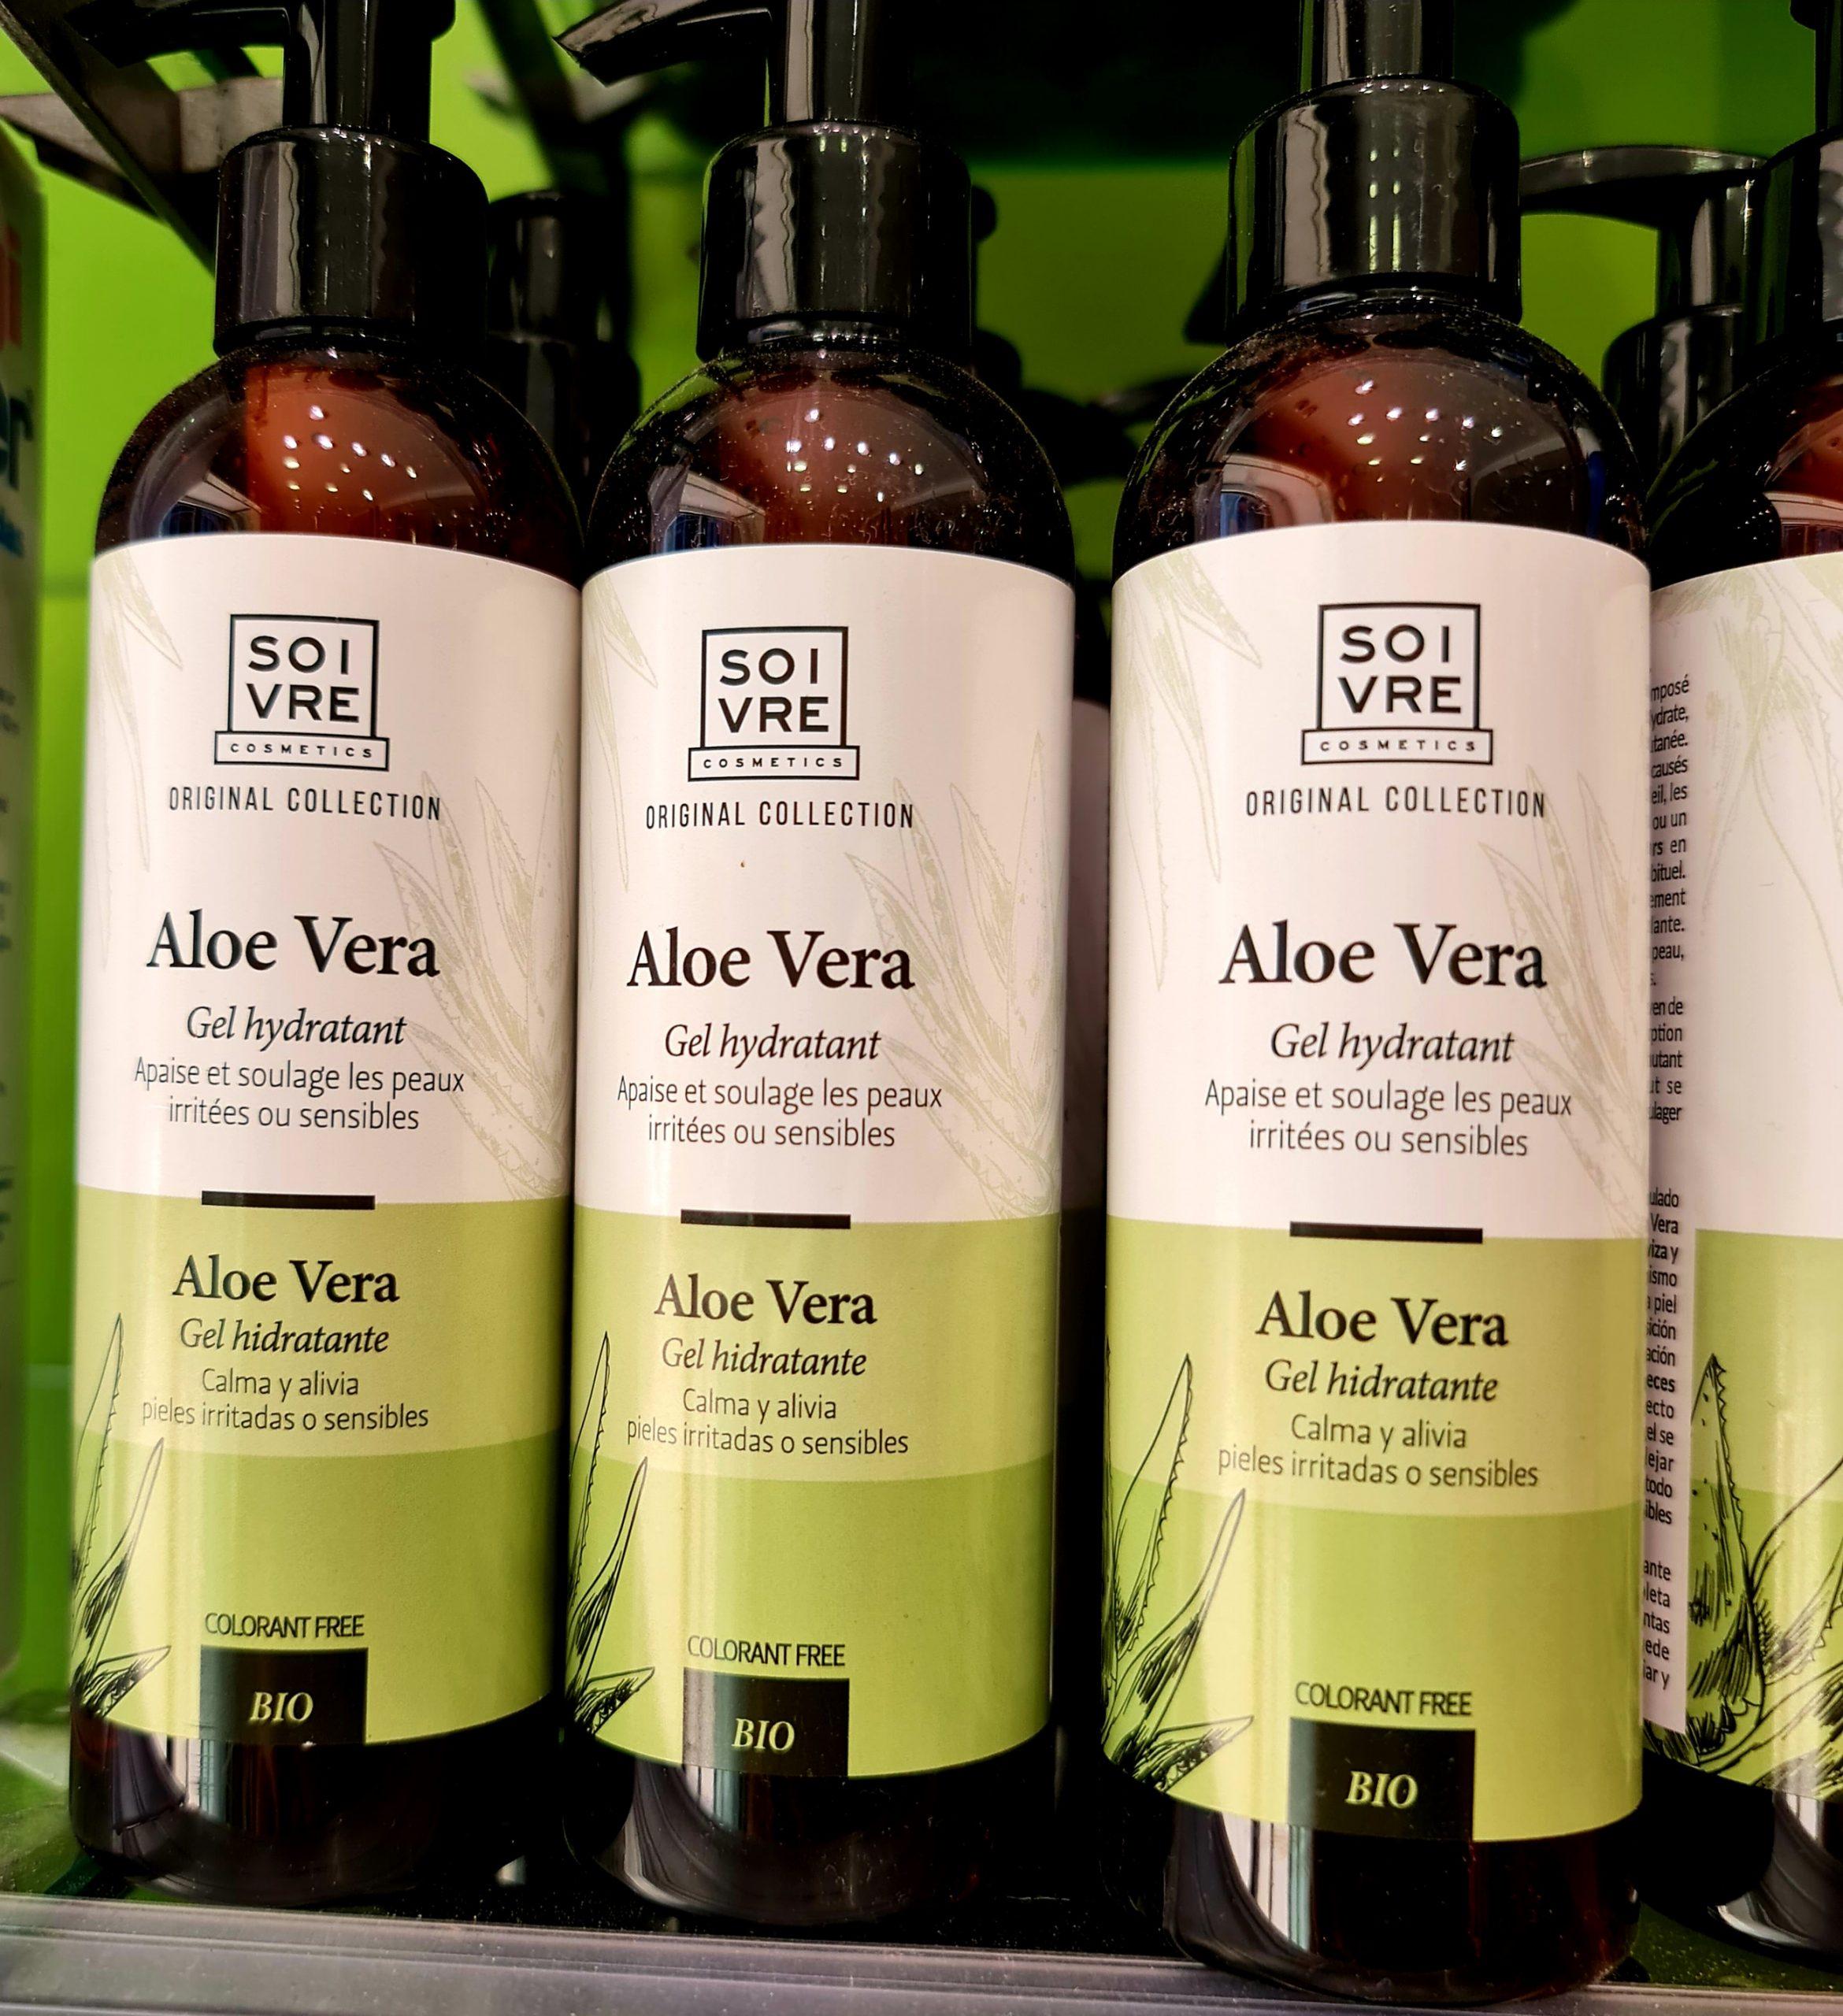 SOIVRE COSMETICS Gel hidratante Aloe vera Calma y alivia Pieles irritadas o sensibles